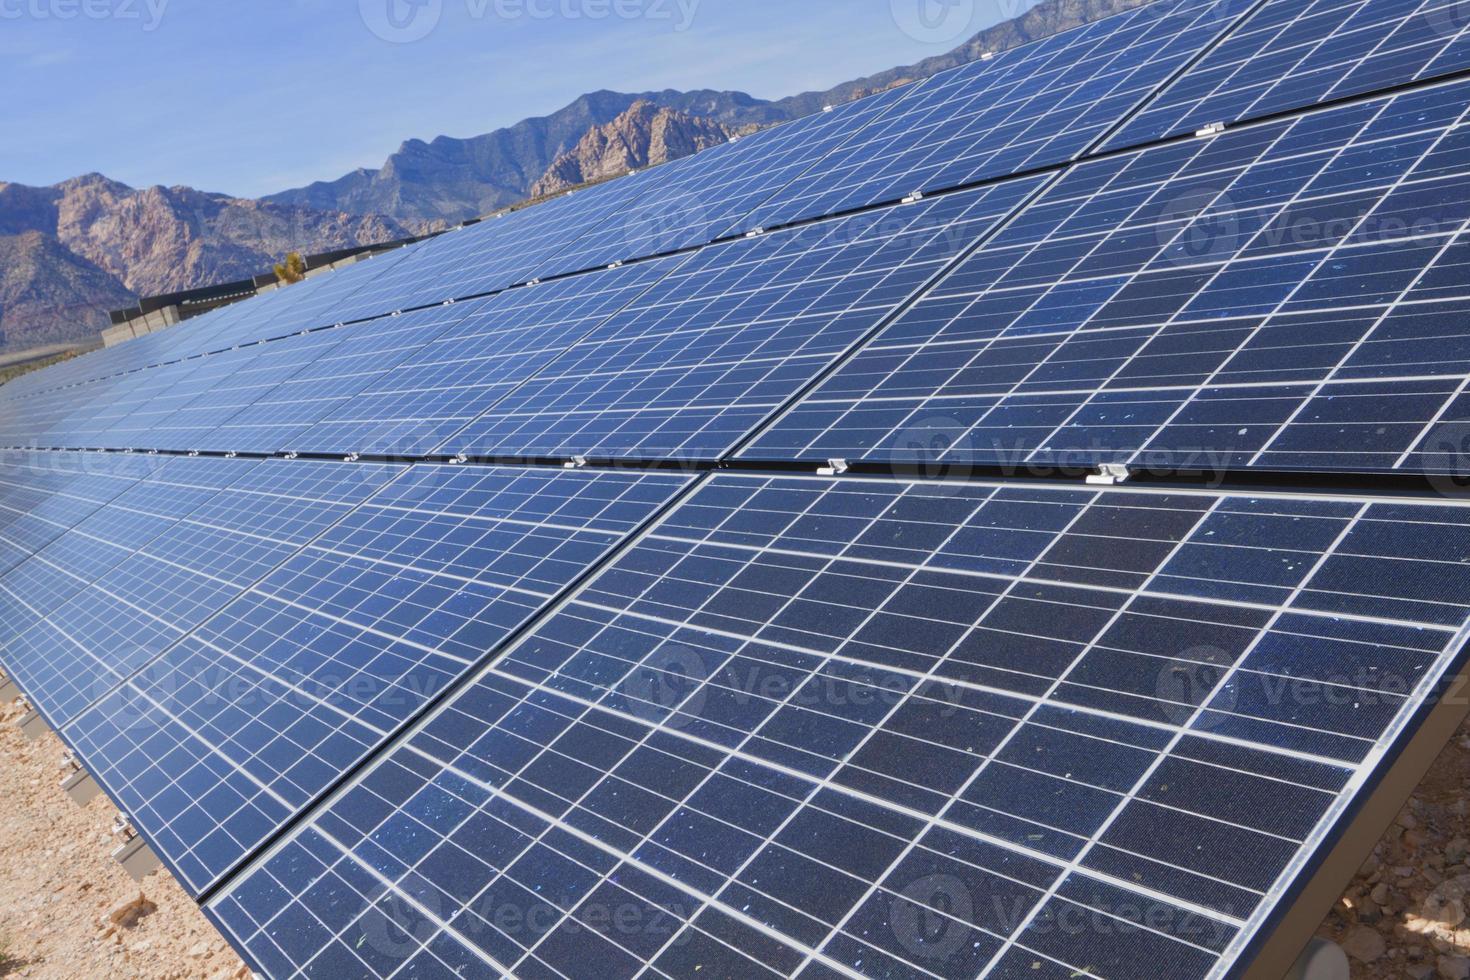 painéis solares no deserto de mojave. foto